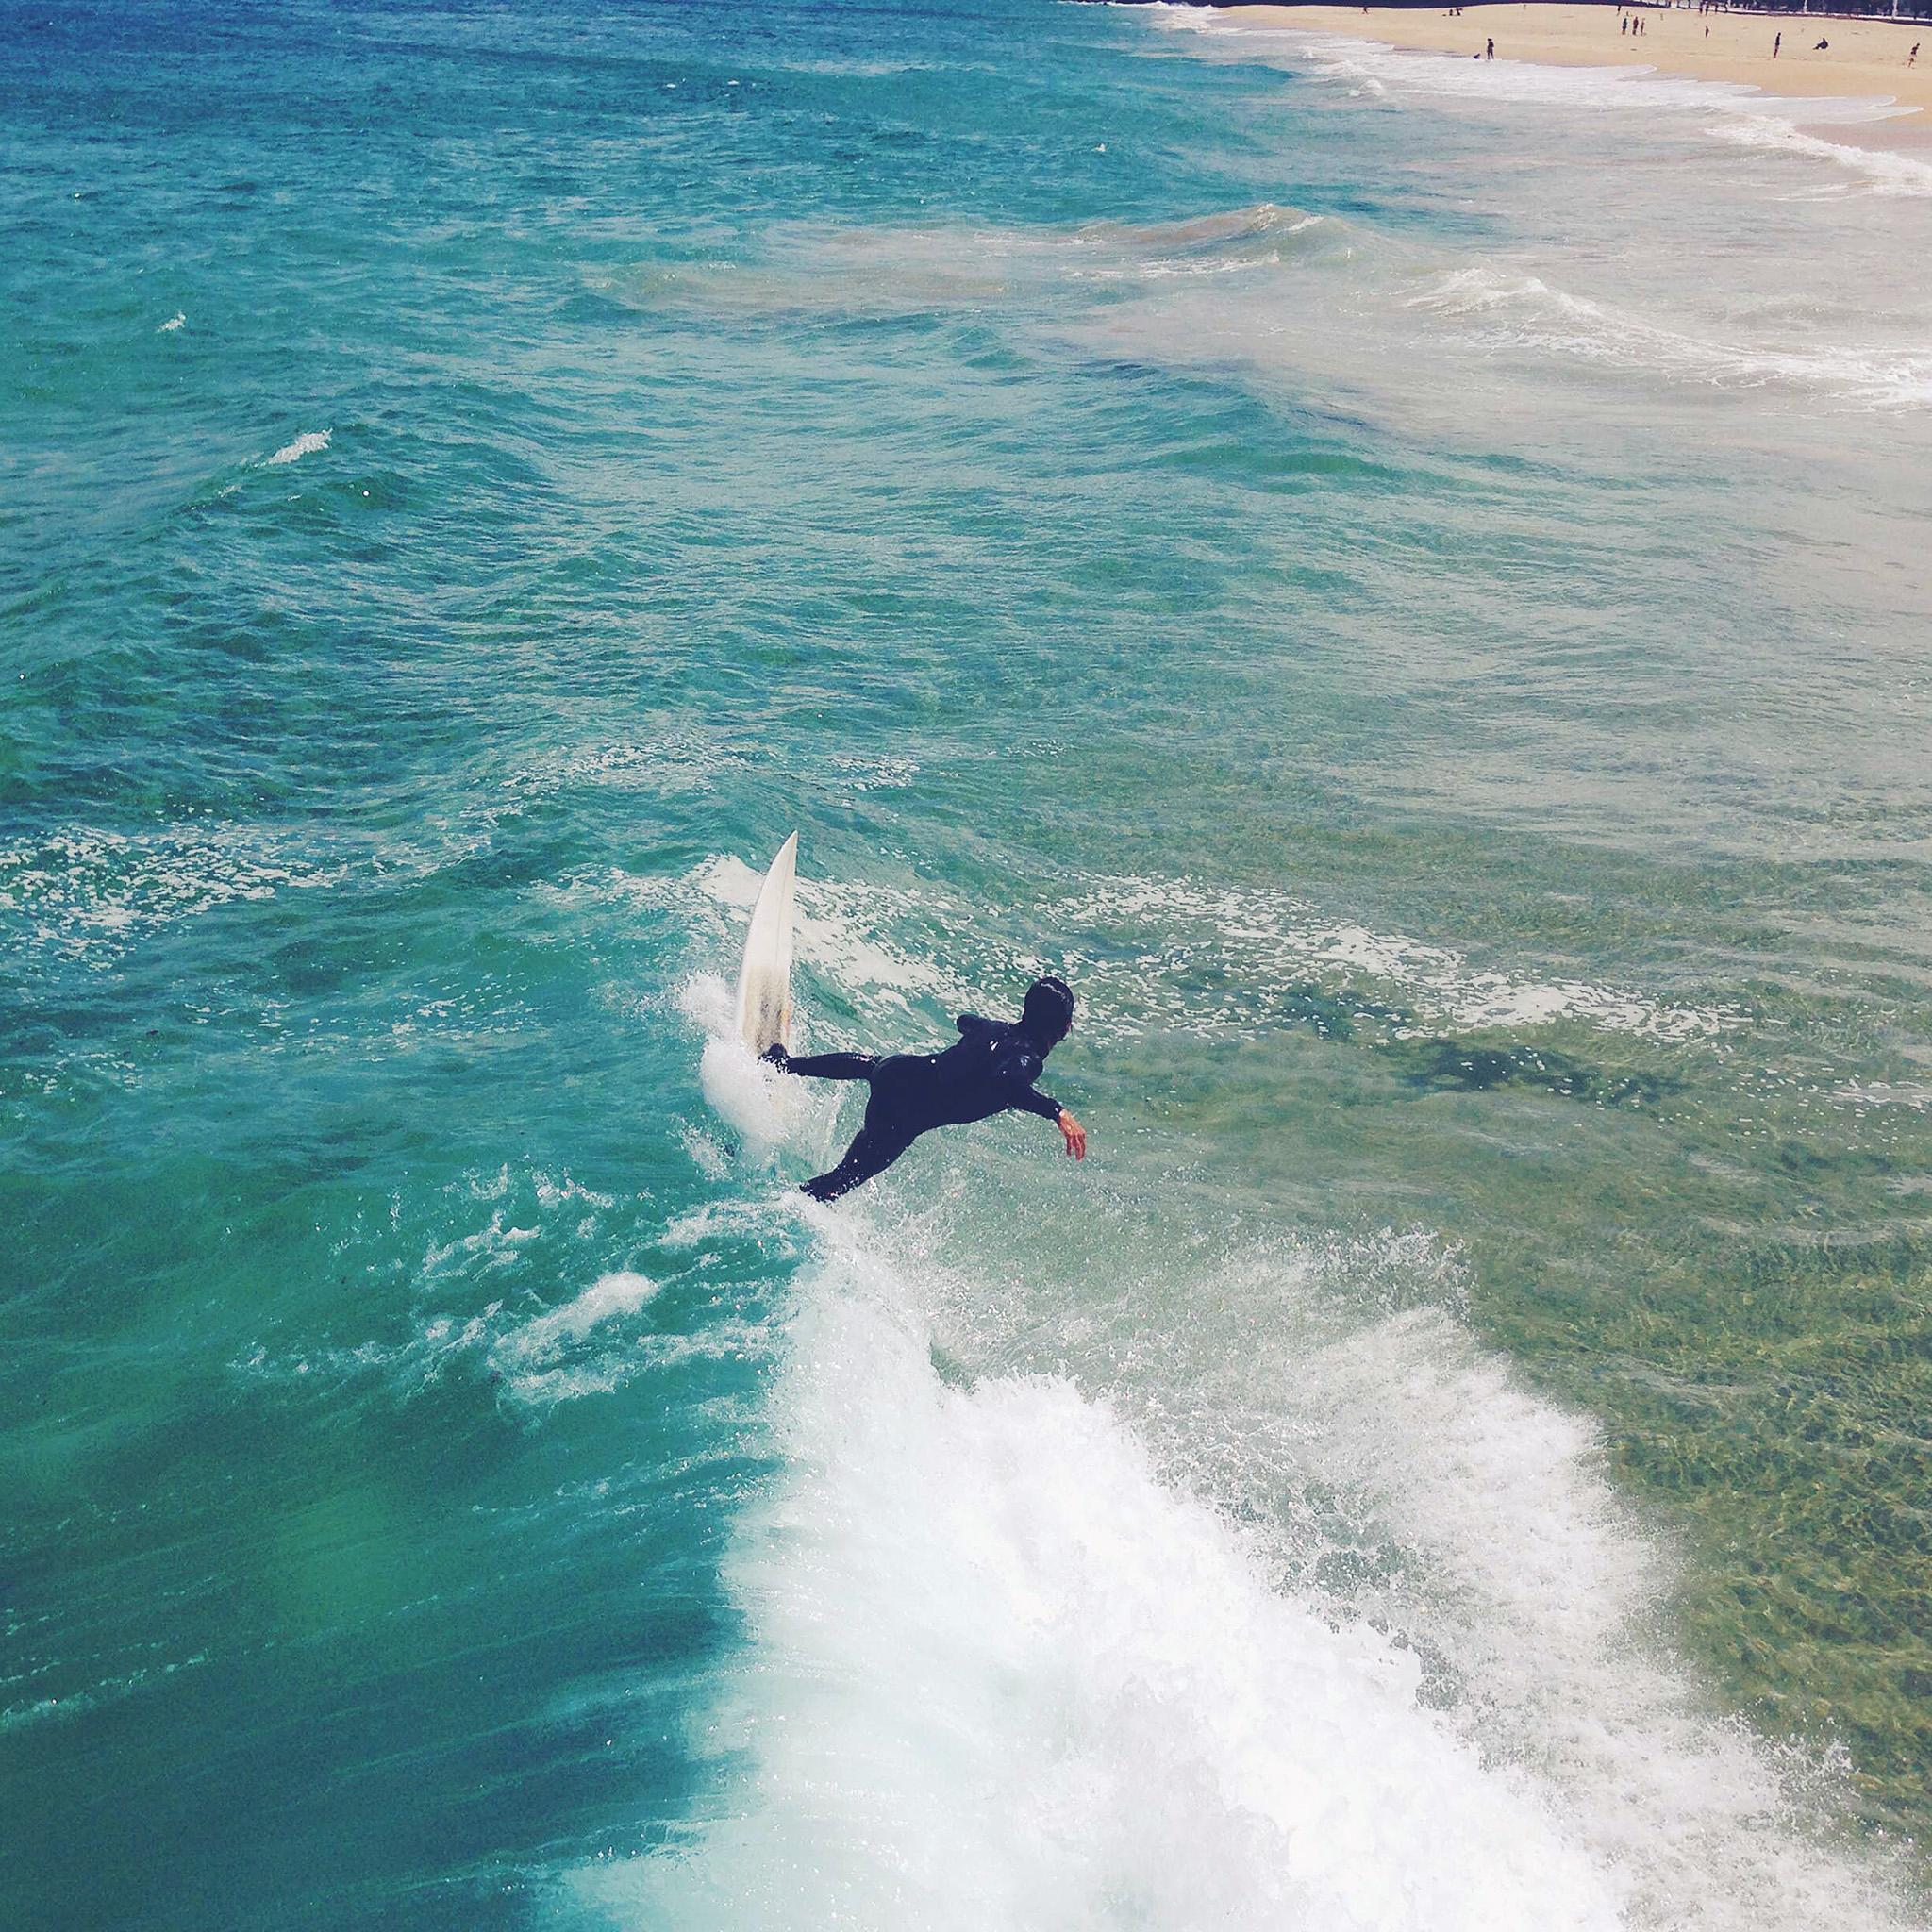 Girls Surfing Wallpaper: Mu93-summer-ocean-beach-surf-girl-nature-blue